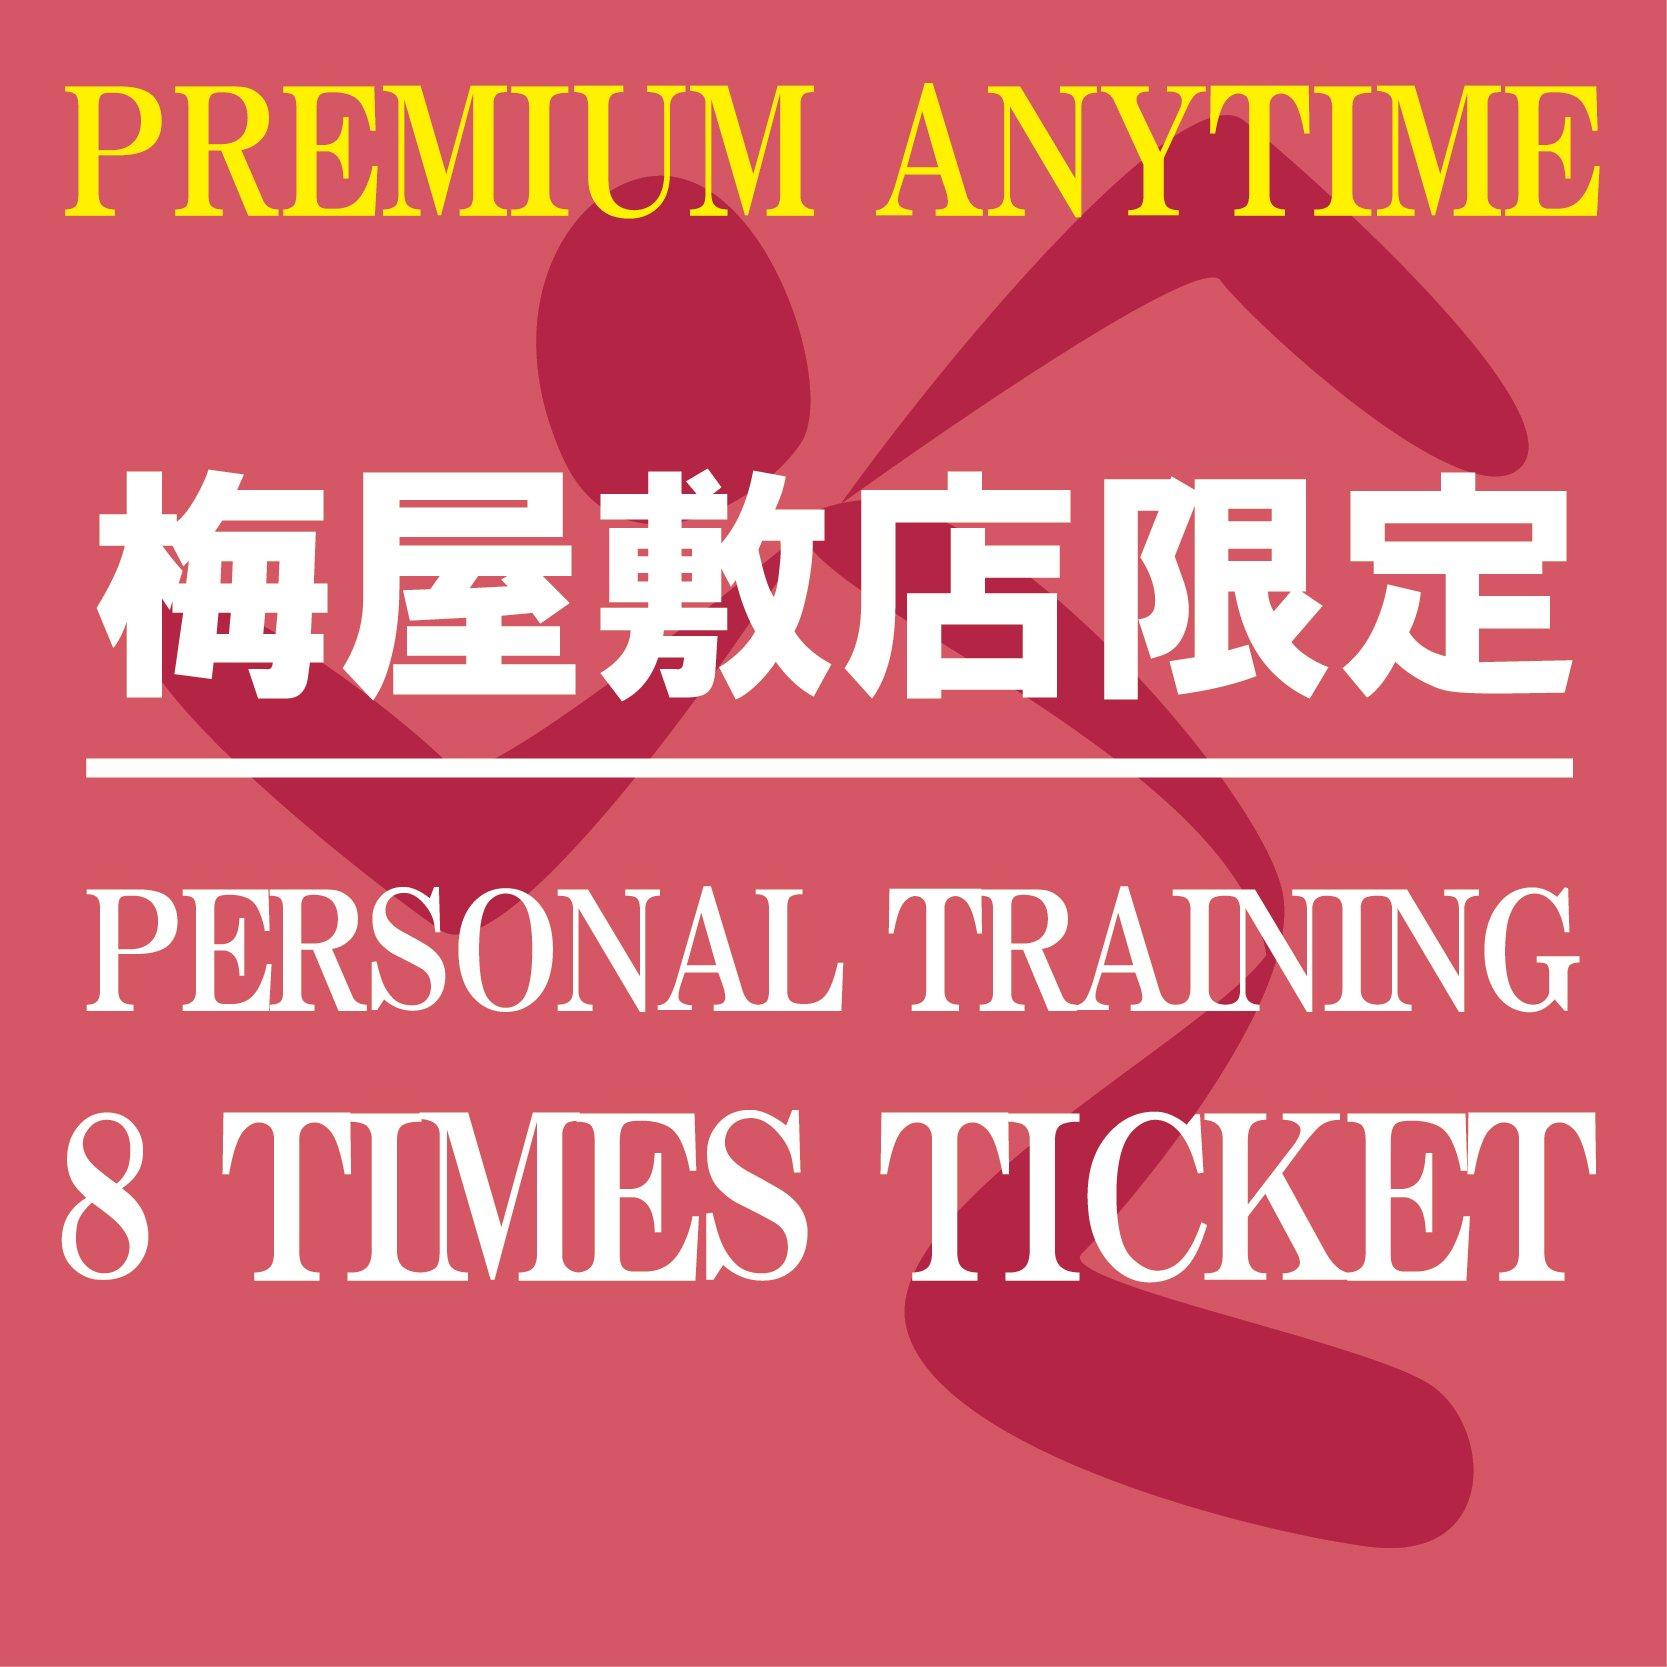 パーソナルトレーニング60分8回チケット〜ANYTIME PREMIUM〜[エニタイムフィットネス梅屋敷店限定]のイメージその1